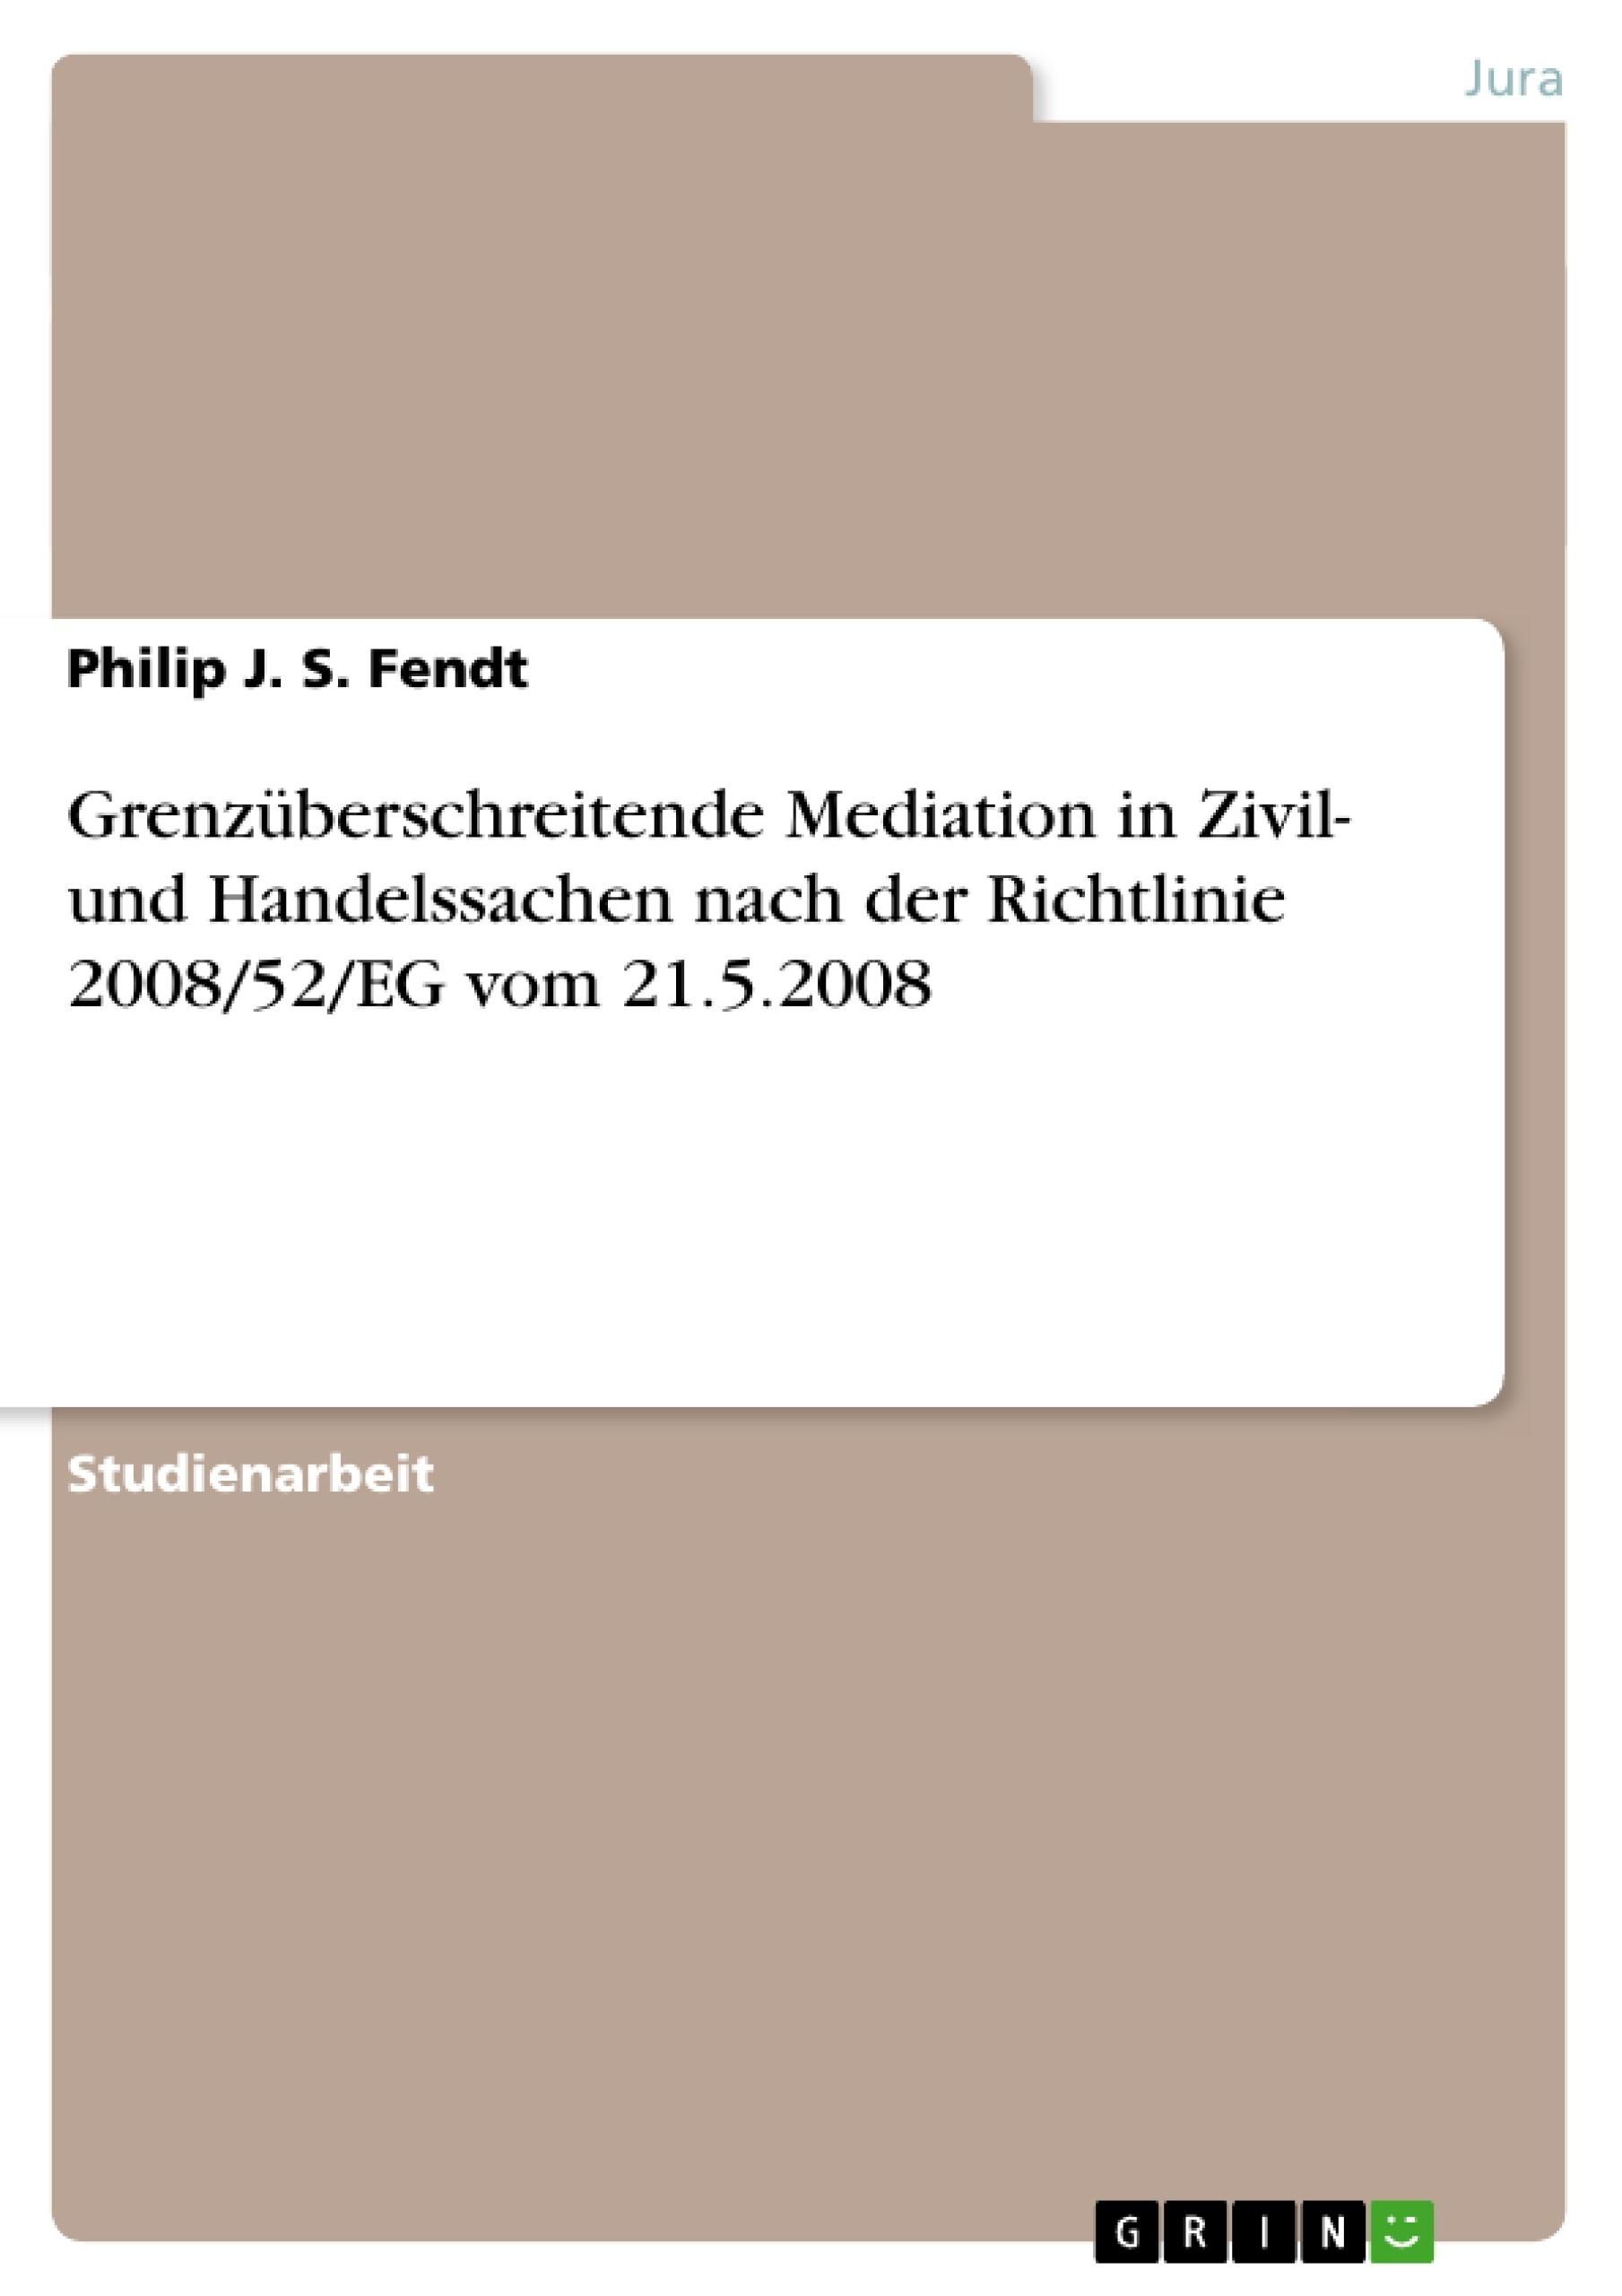 Titel: Grenzüberschreitende Mediation in Zivil- und Handelssachen nach der Richtlinie 2008/52/EG vom 21.5.2008